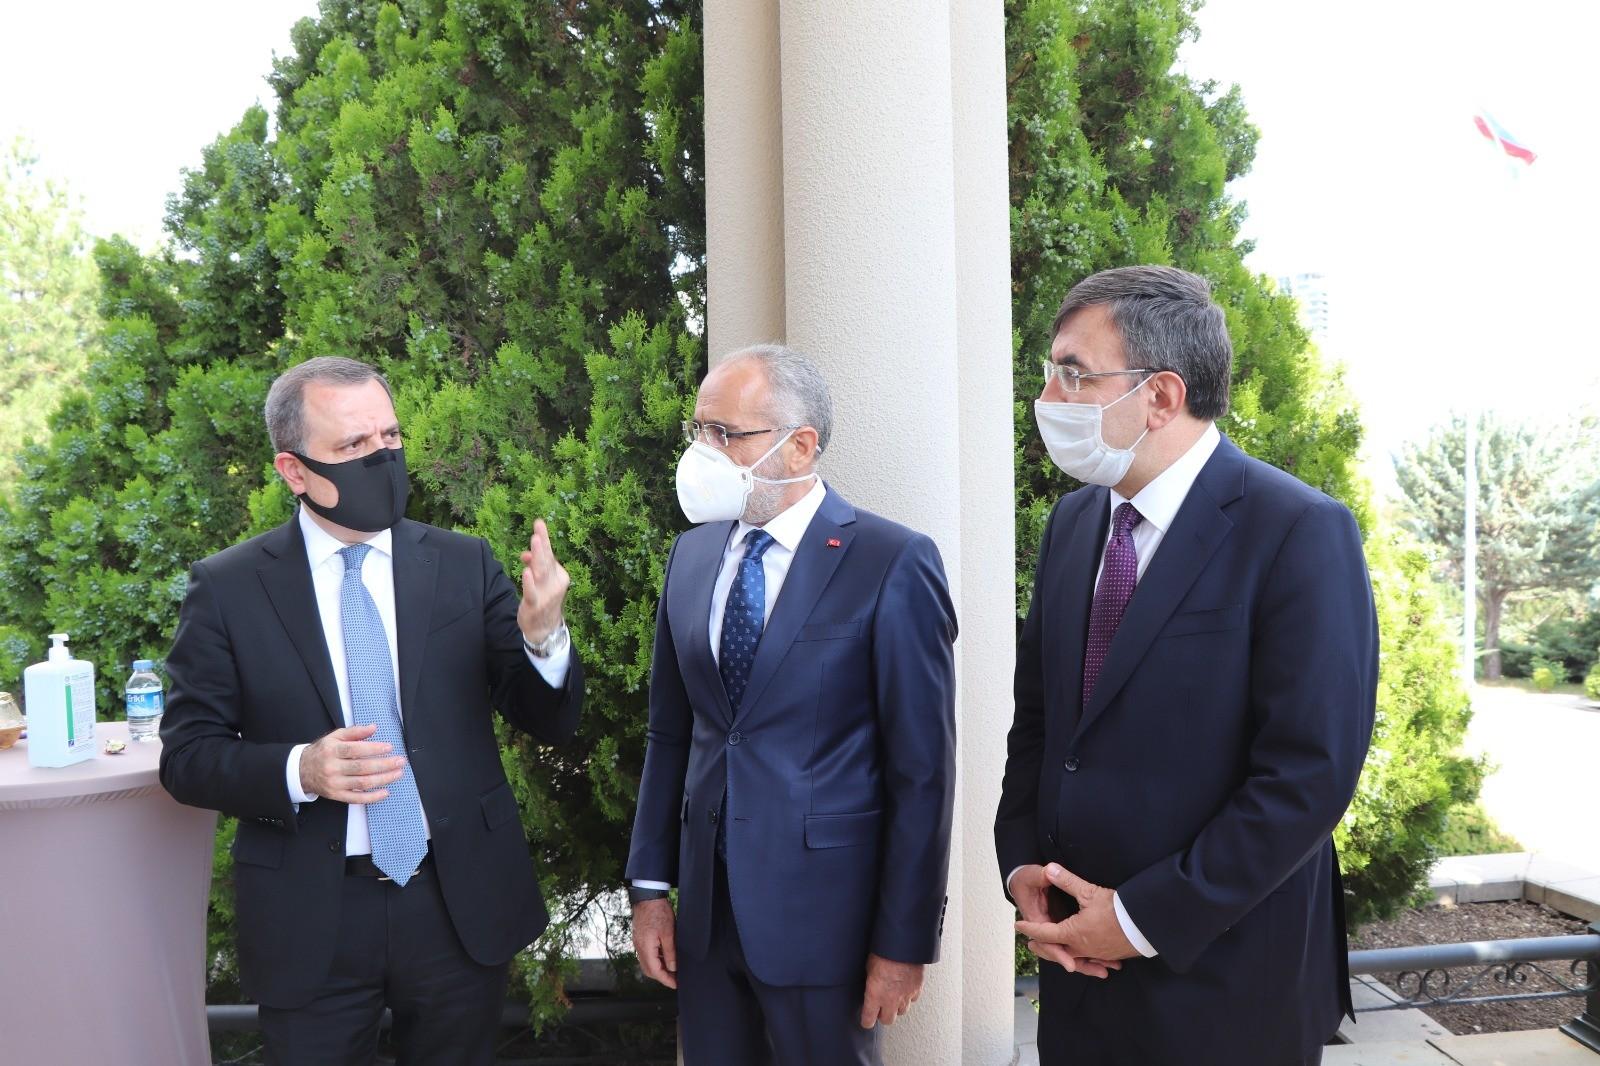 Cumhurbaşkanı Başdanışmanı Yalçın Topçu'ya Azerbaycan Cumhuriyeti Hatıra Madalyası takdim edildi